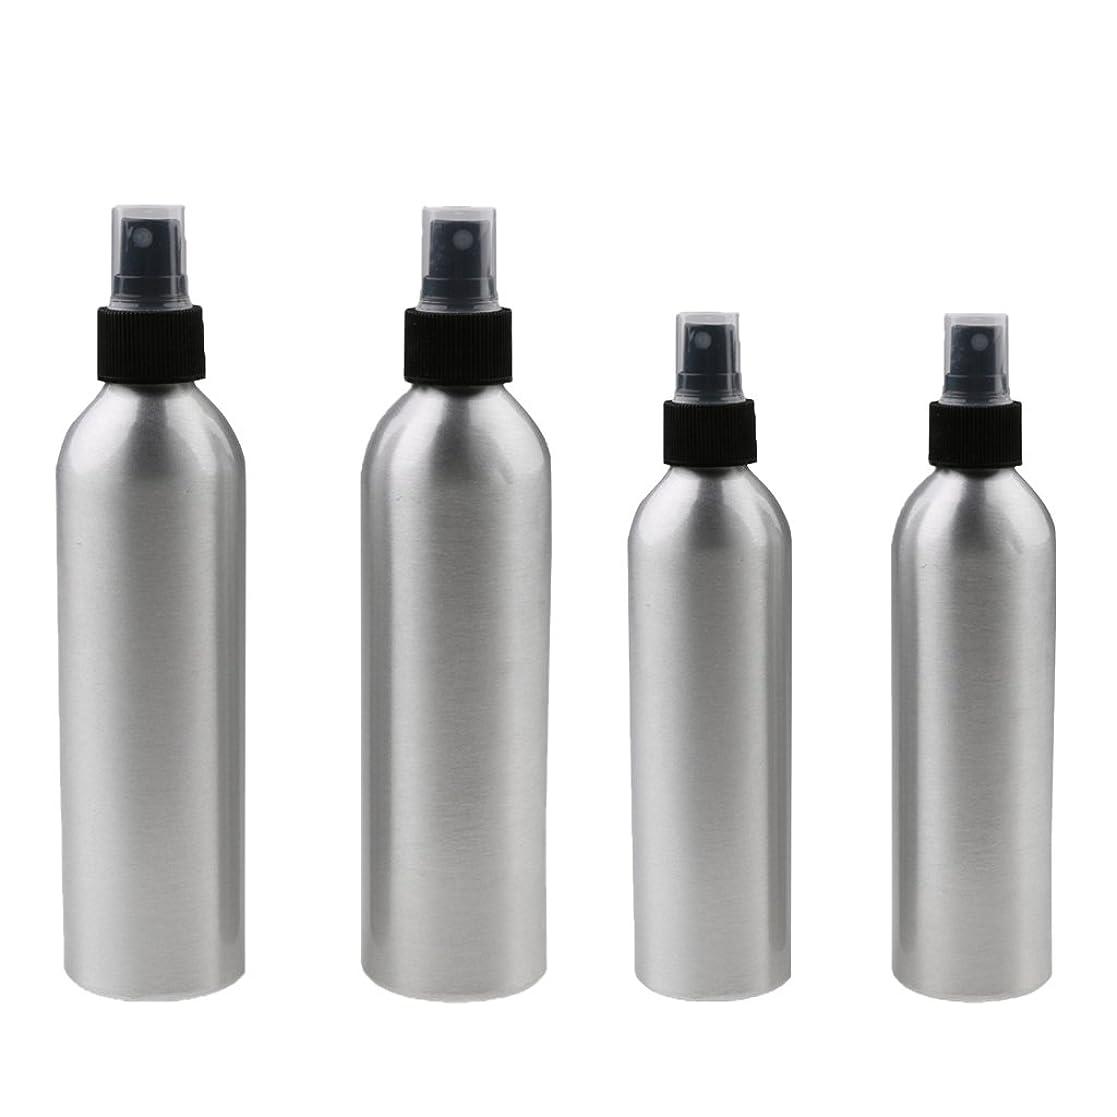 アルカイック大胆な大量Kesoto 4本入り スプレーボトル 100mlと150ml各2本 アルミミスト スプレー 香水 ボトル スプレーアトマイザー